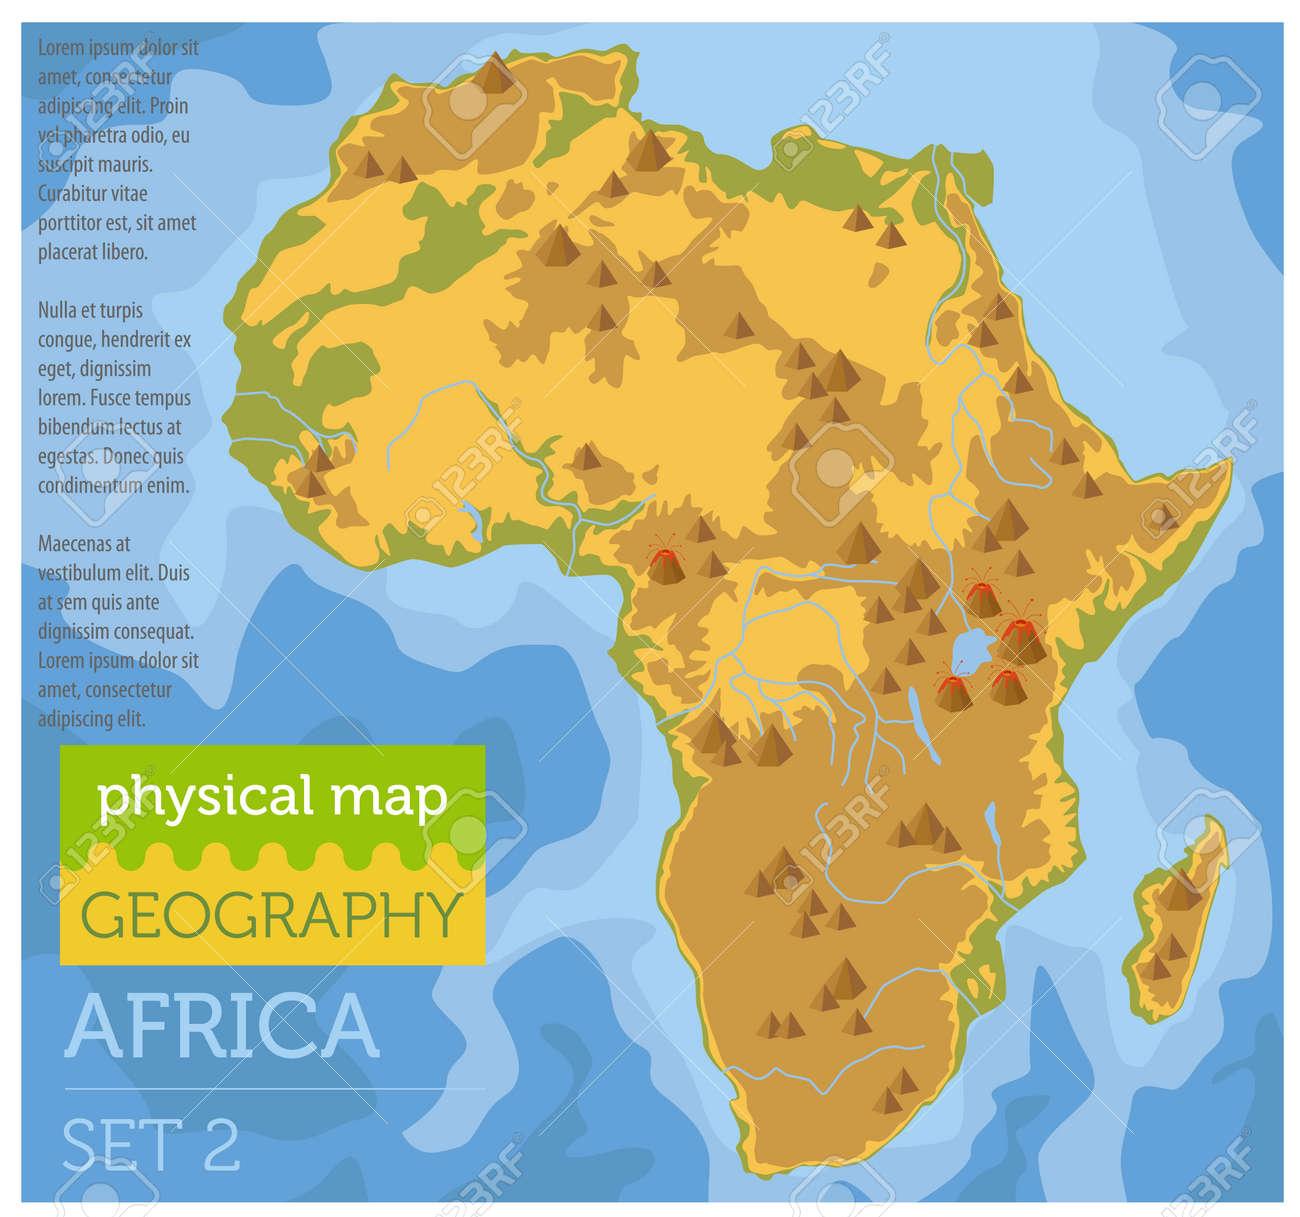 Carte Afrique Physique.Lements De Constructeur De Carte Physique Afrique Plat Sur La Surface De L Eau Construisez Votre Propre Collection D Infographie De Geographie